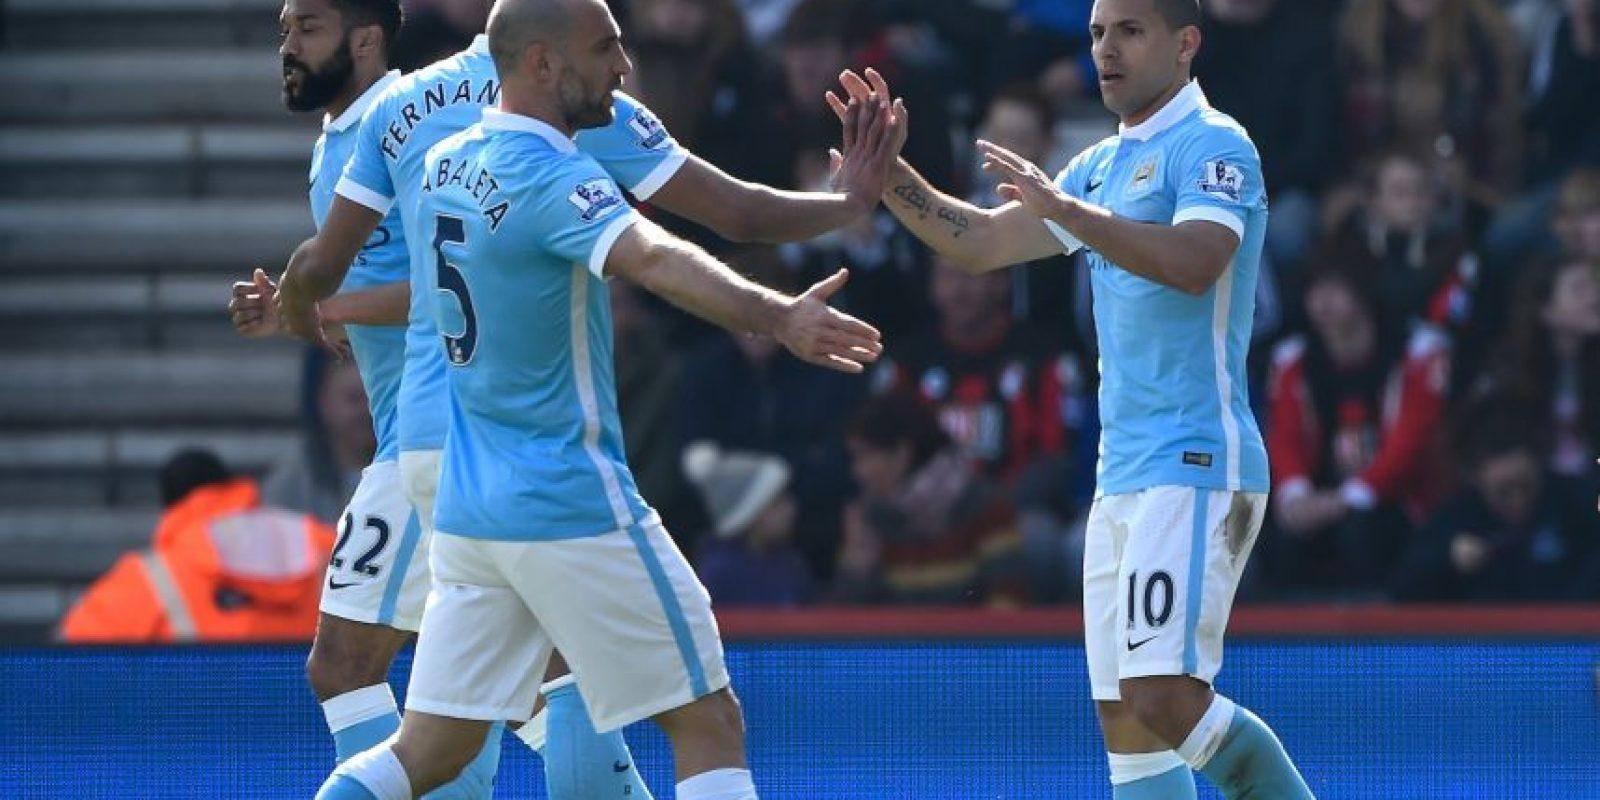 Es uno de los duelos más parejos de los cuartos de final de la Champions League Foto:Getty Images